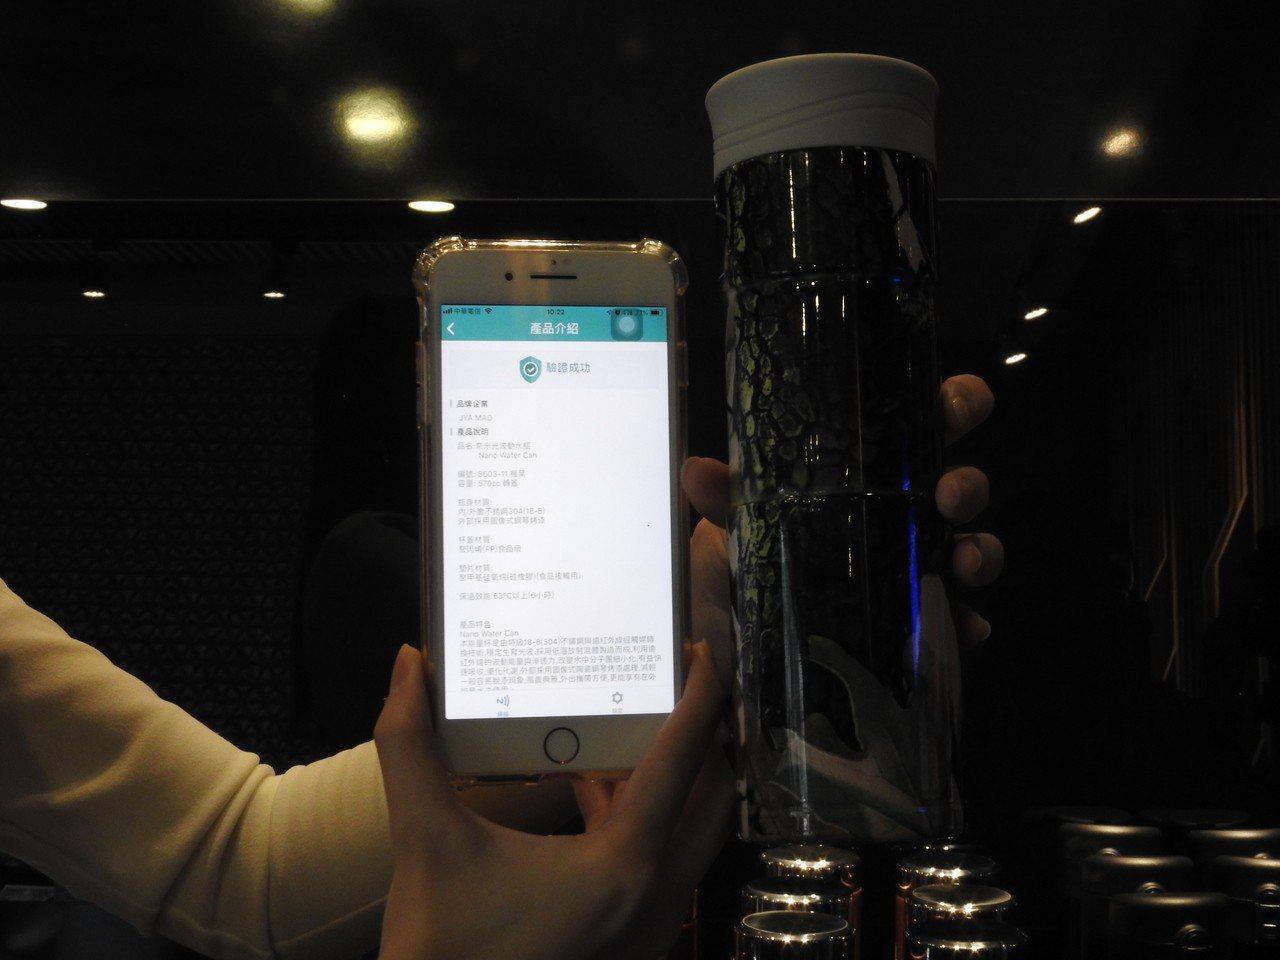 南投縣新叡光電將電子防偽系統結合手機NFC功能,開發「TTID全球電子防偽驗證系...